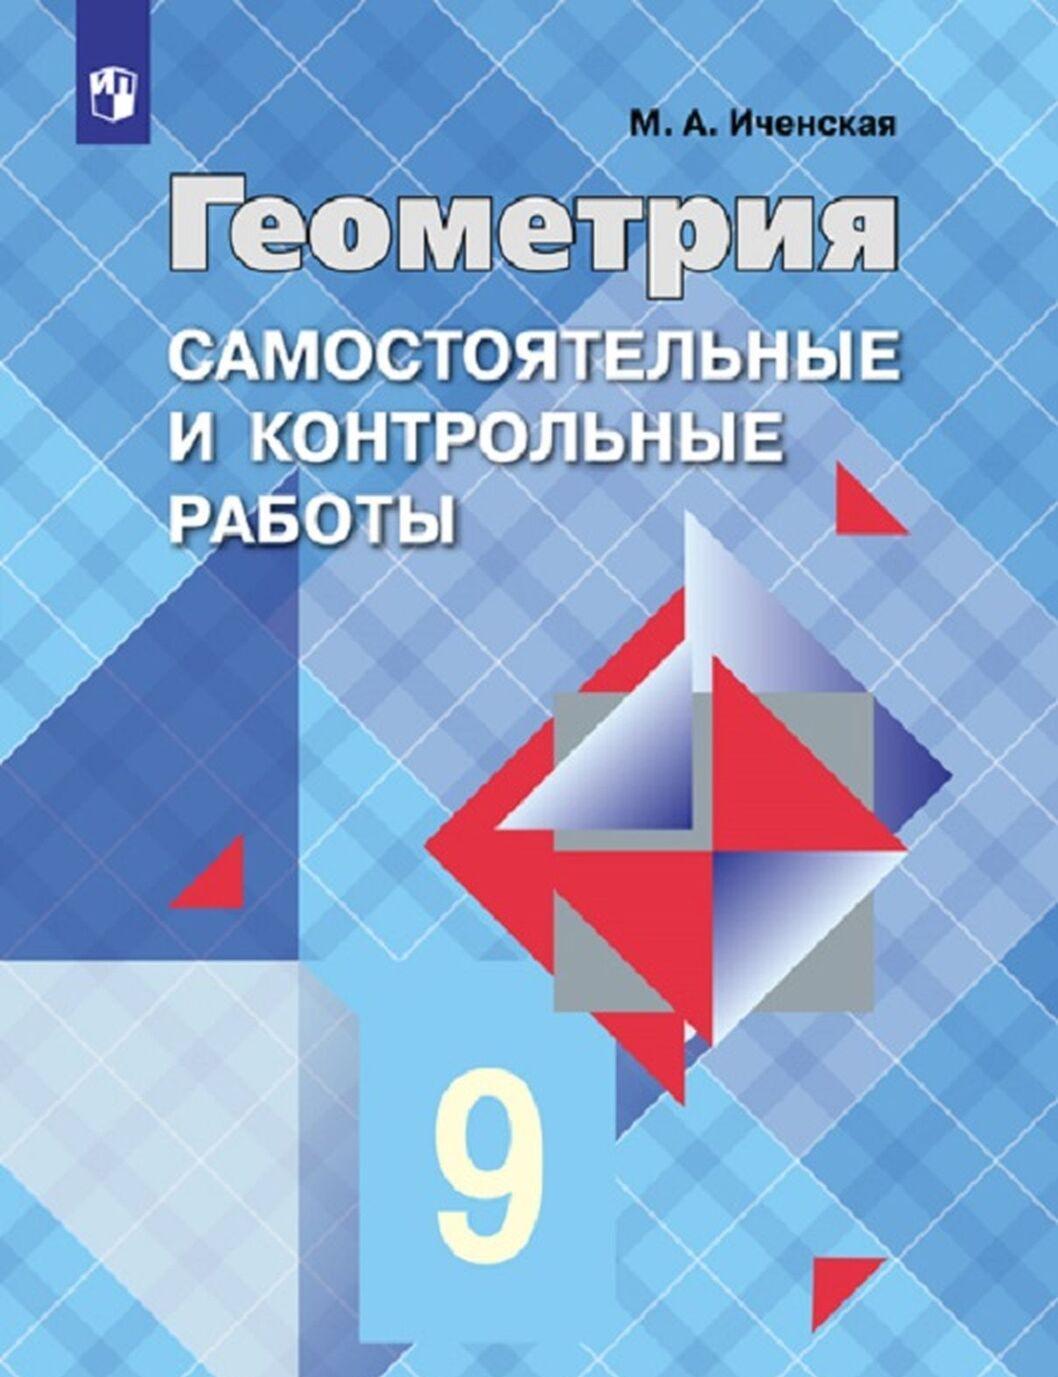 Geometrija. 9 klass. Samostojatelnye i kontrolnye raboty. K uchebniku L. S. Atanasjana i dr.